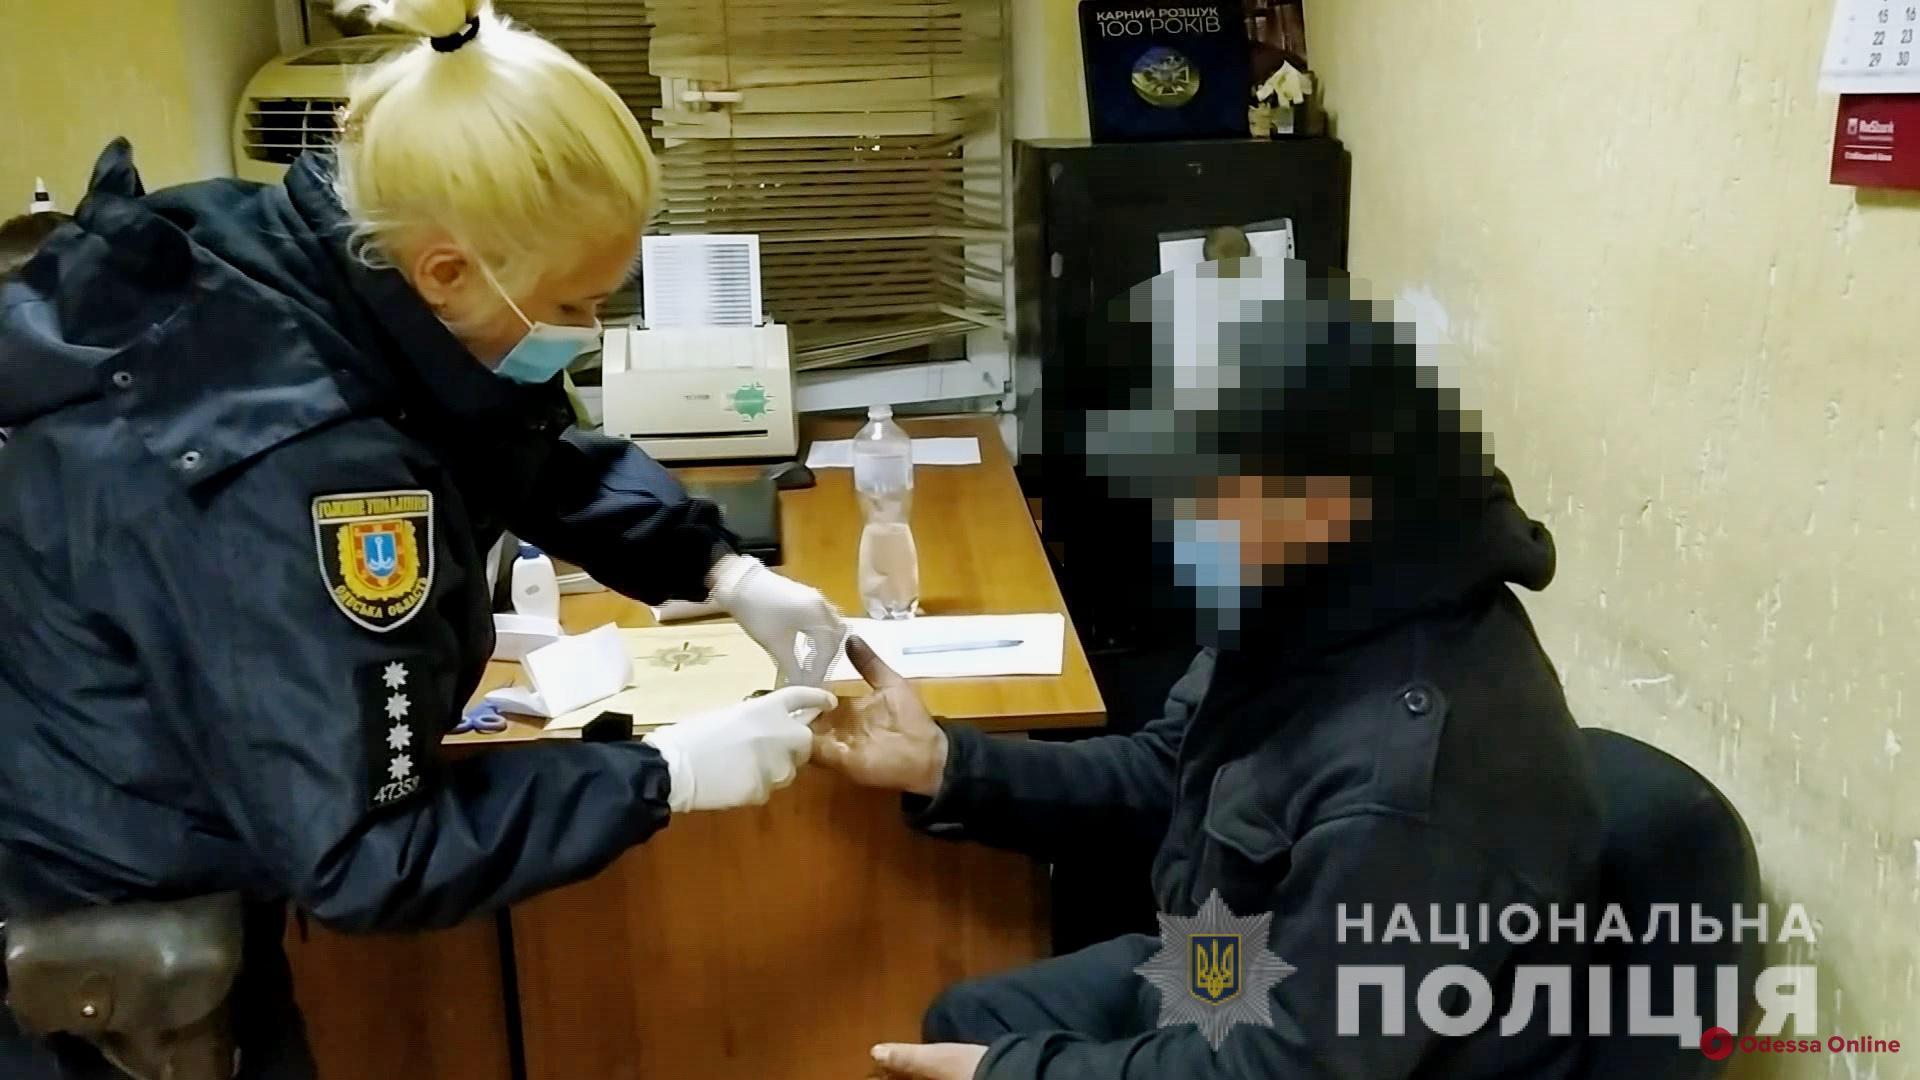 Не поделили добычу: в Одессе мужчина зарезал товарища за банковскую карту